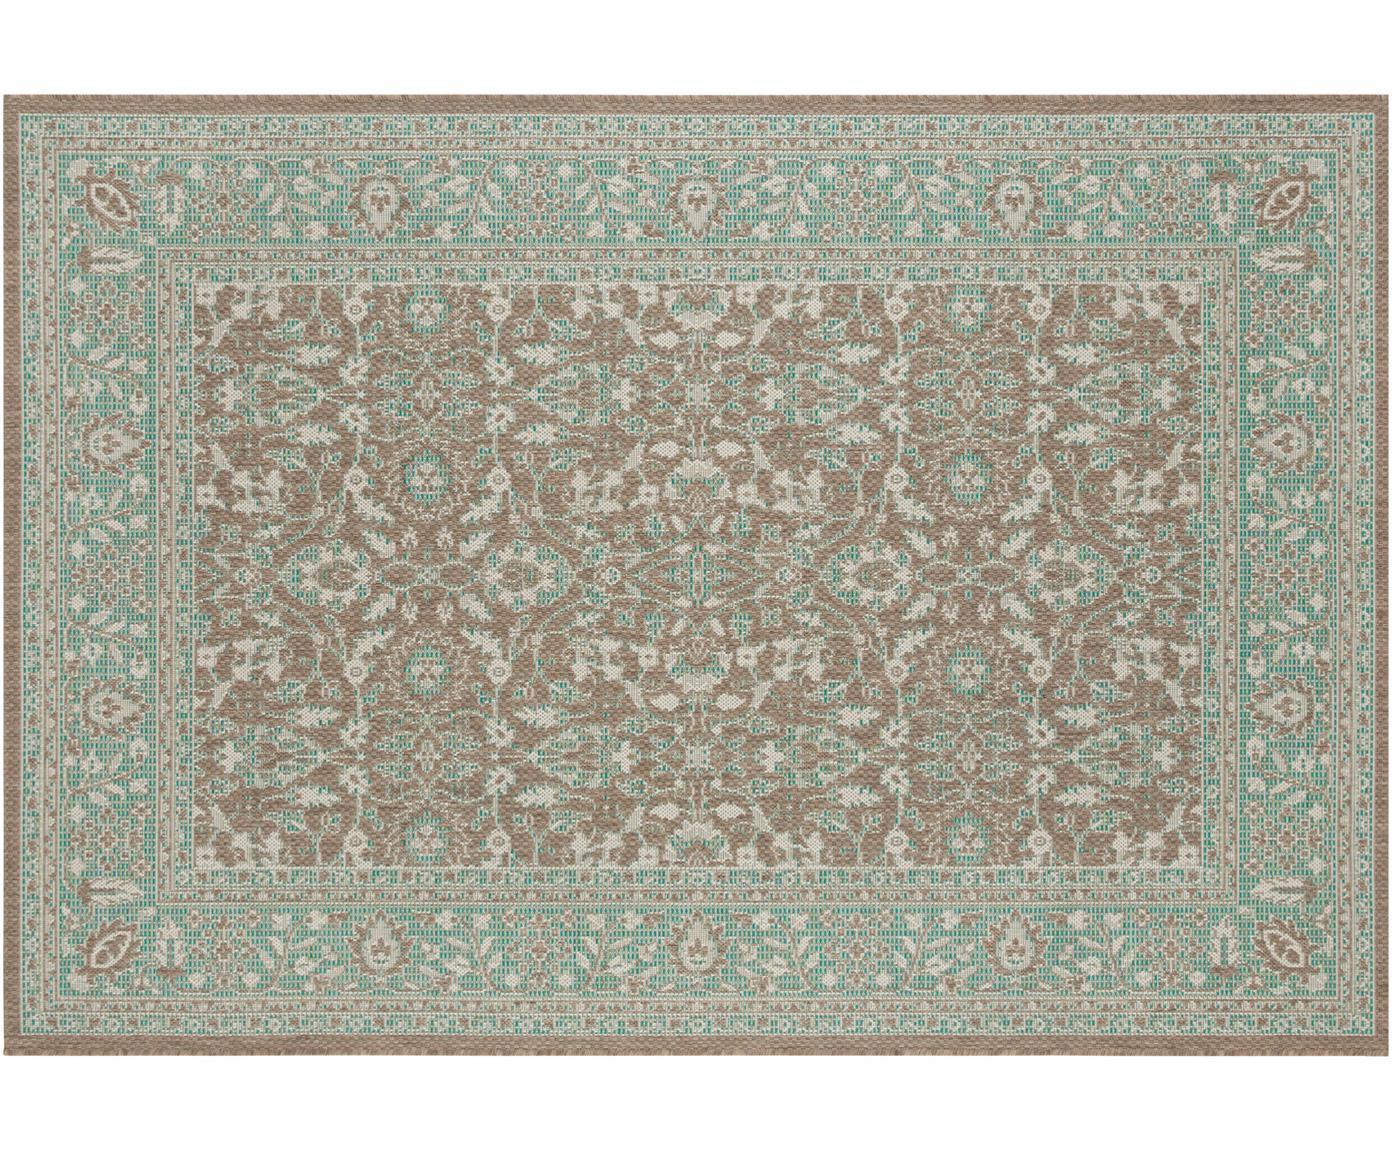 In- & Outdoor-Teppich Konya im Vintage Style, 100% Polypropylen, Grün, Taupe, B 140 x L 200 cm (Größe S)